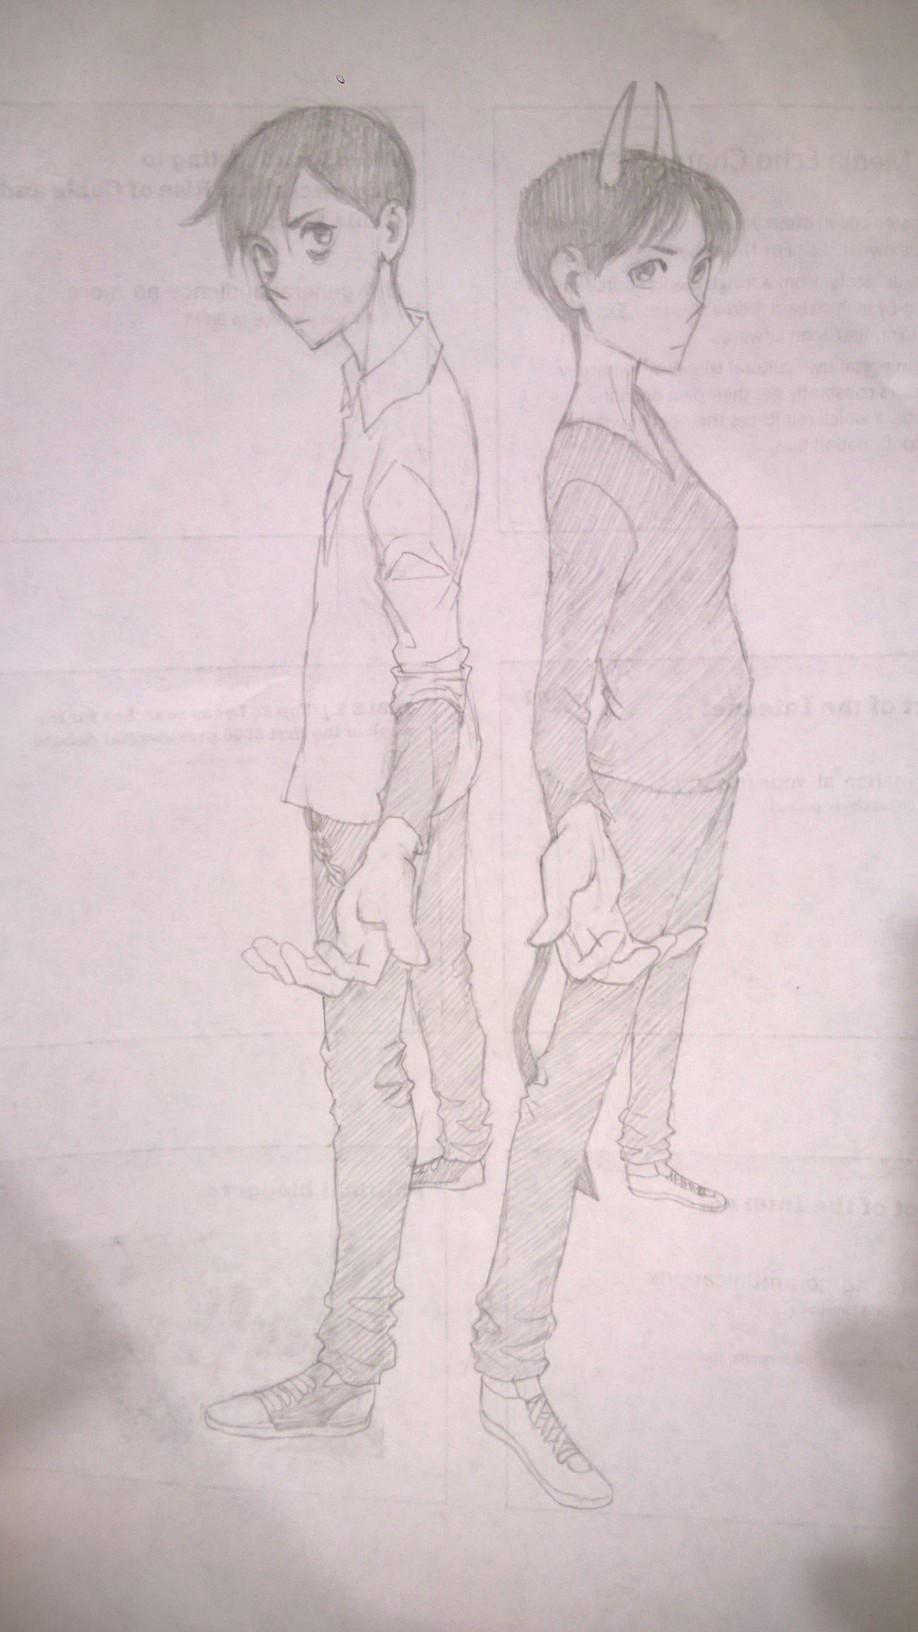 The Twins by alizawren